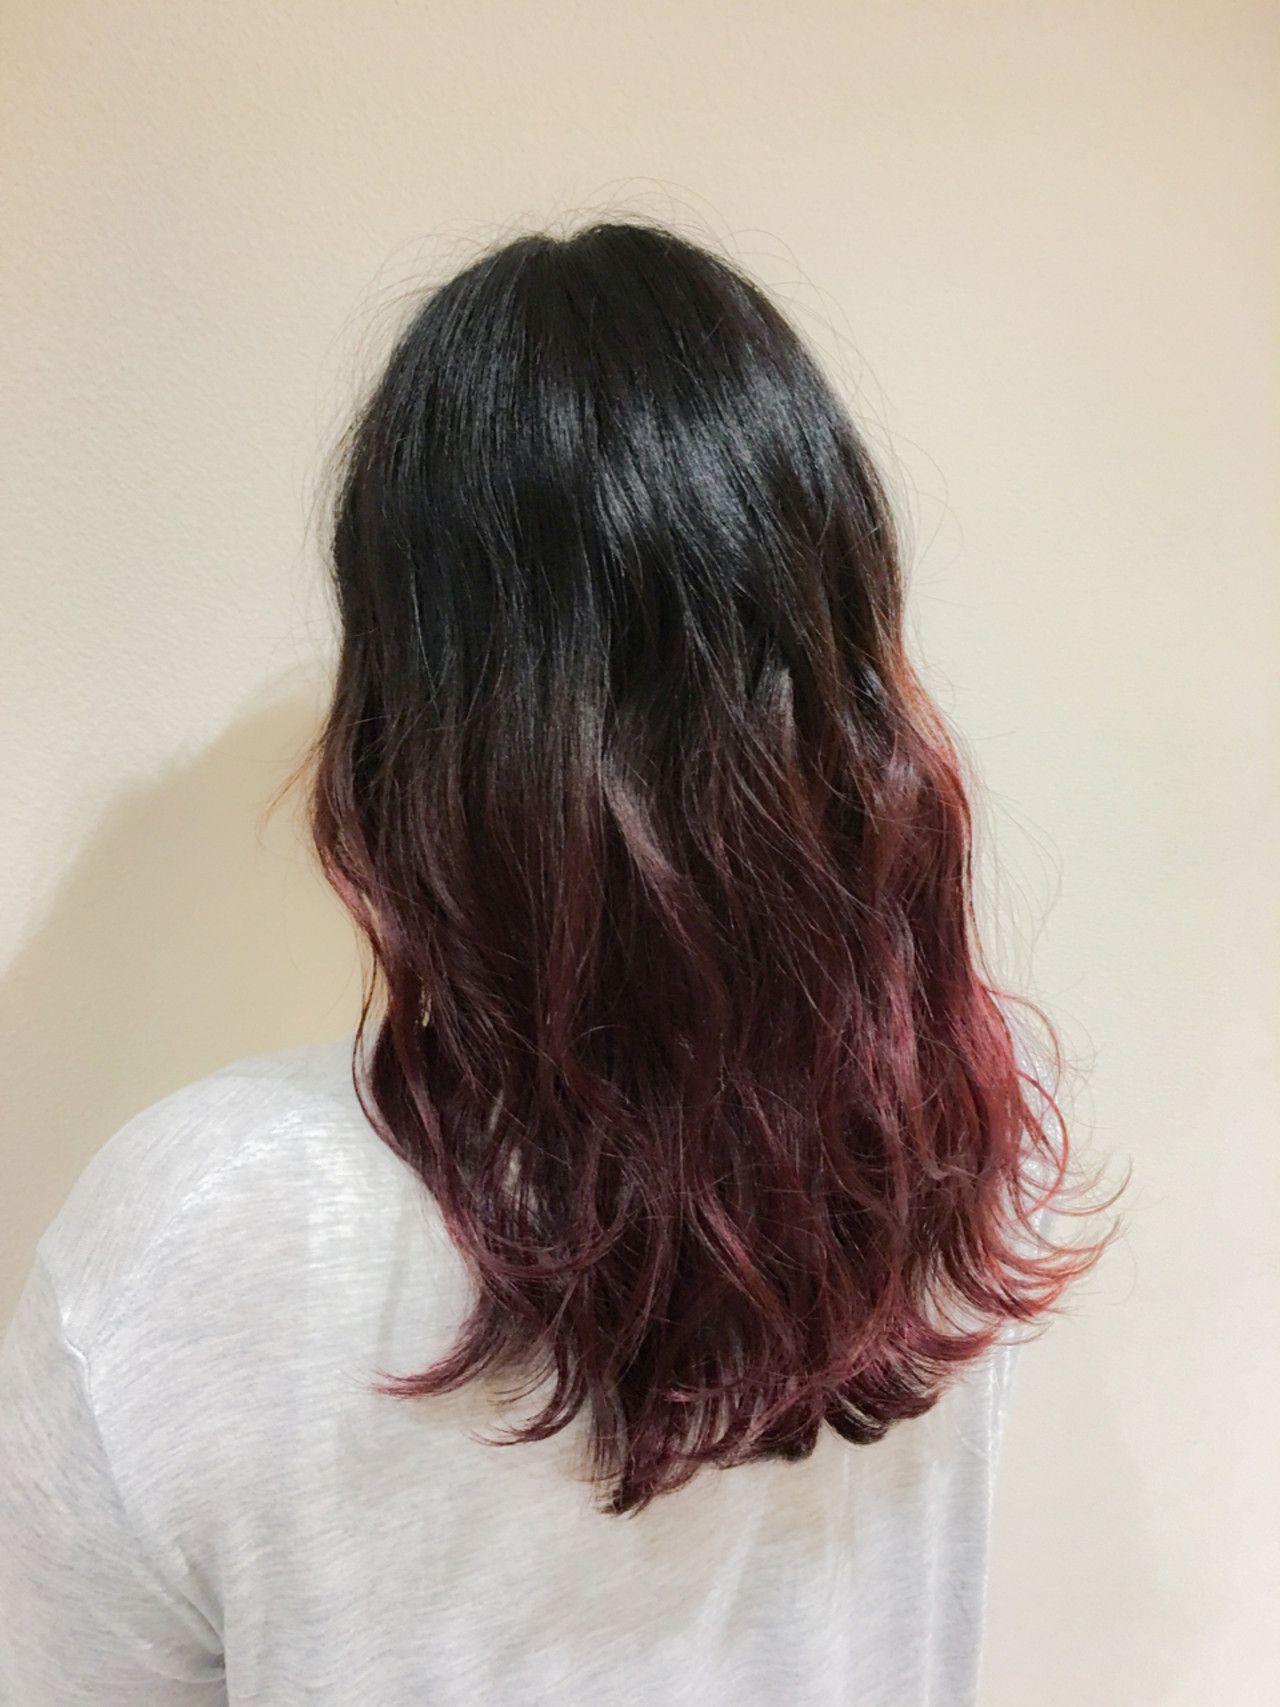 ピンク セミロング グラデーションカラー 外国人風 レシェル多治見 水野靖己 292837 Hair ヘア アイディア 黒髪